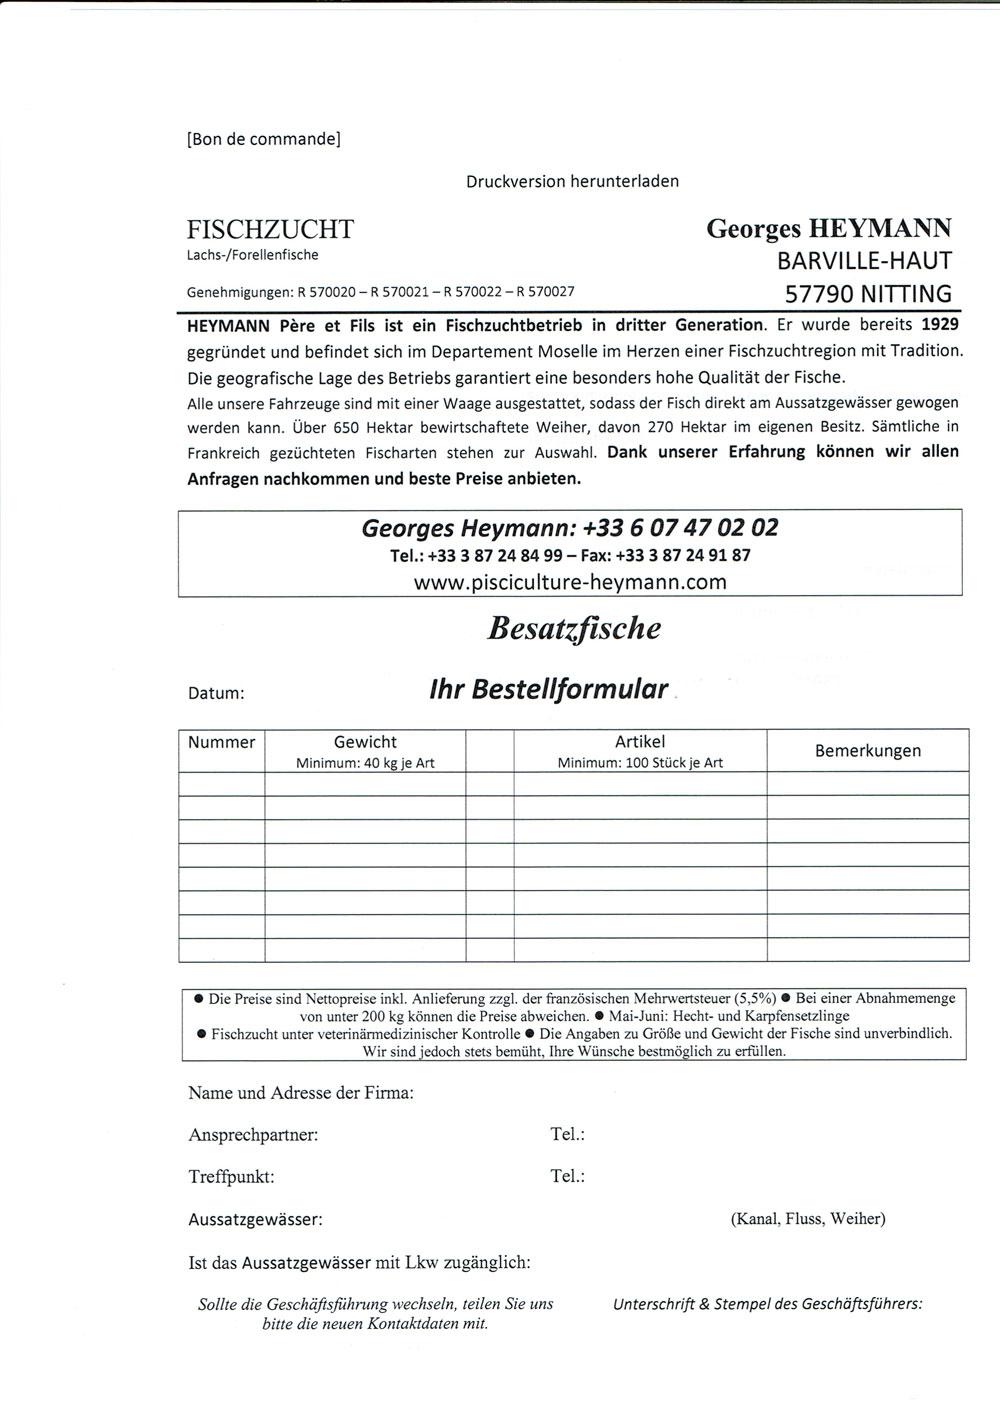 Niedlich Kerze Bestellformular Vorlage Zeitgenössisch - Entry Level ...